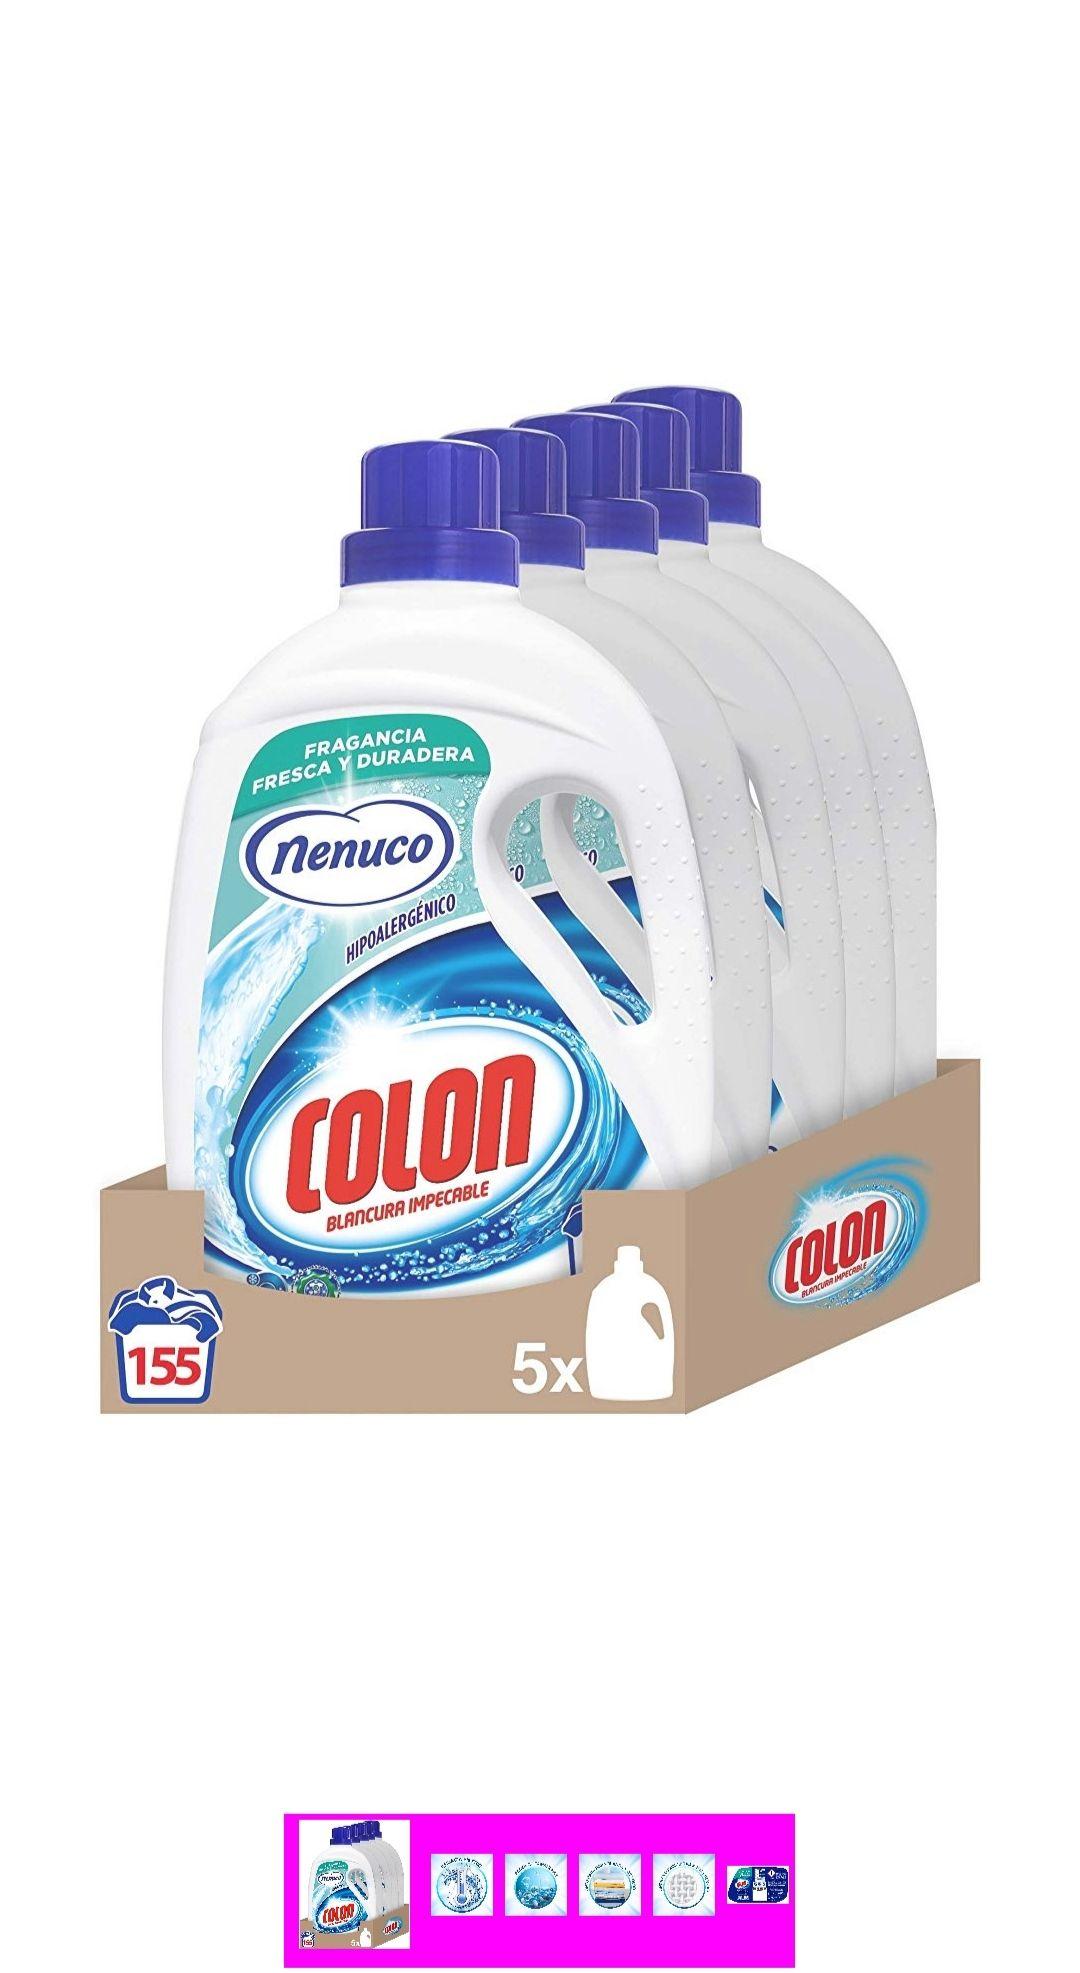 Detergente con olor a Nenuco